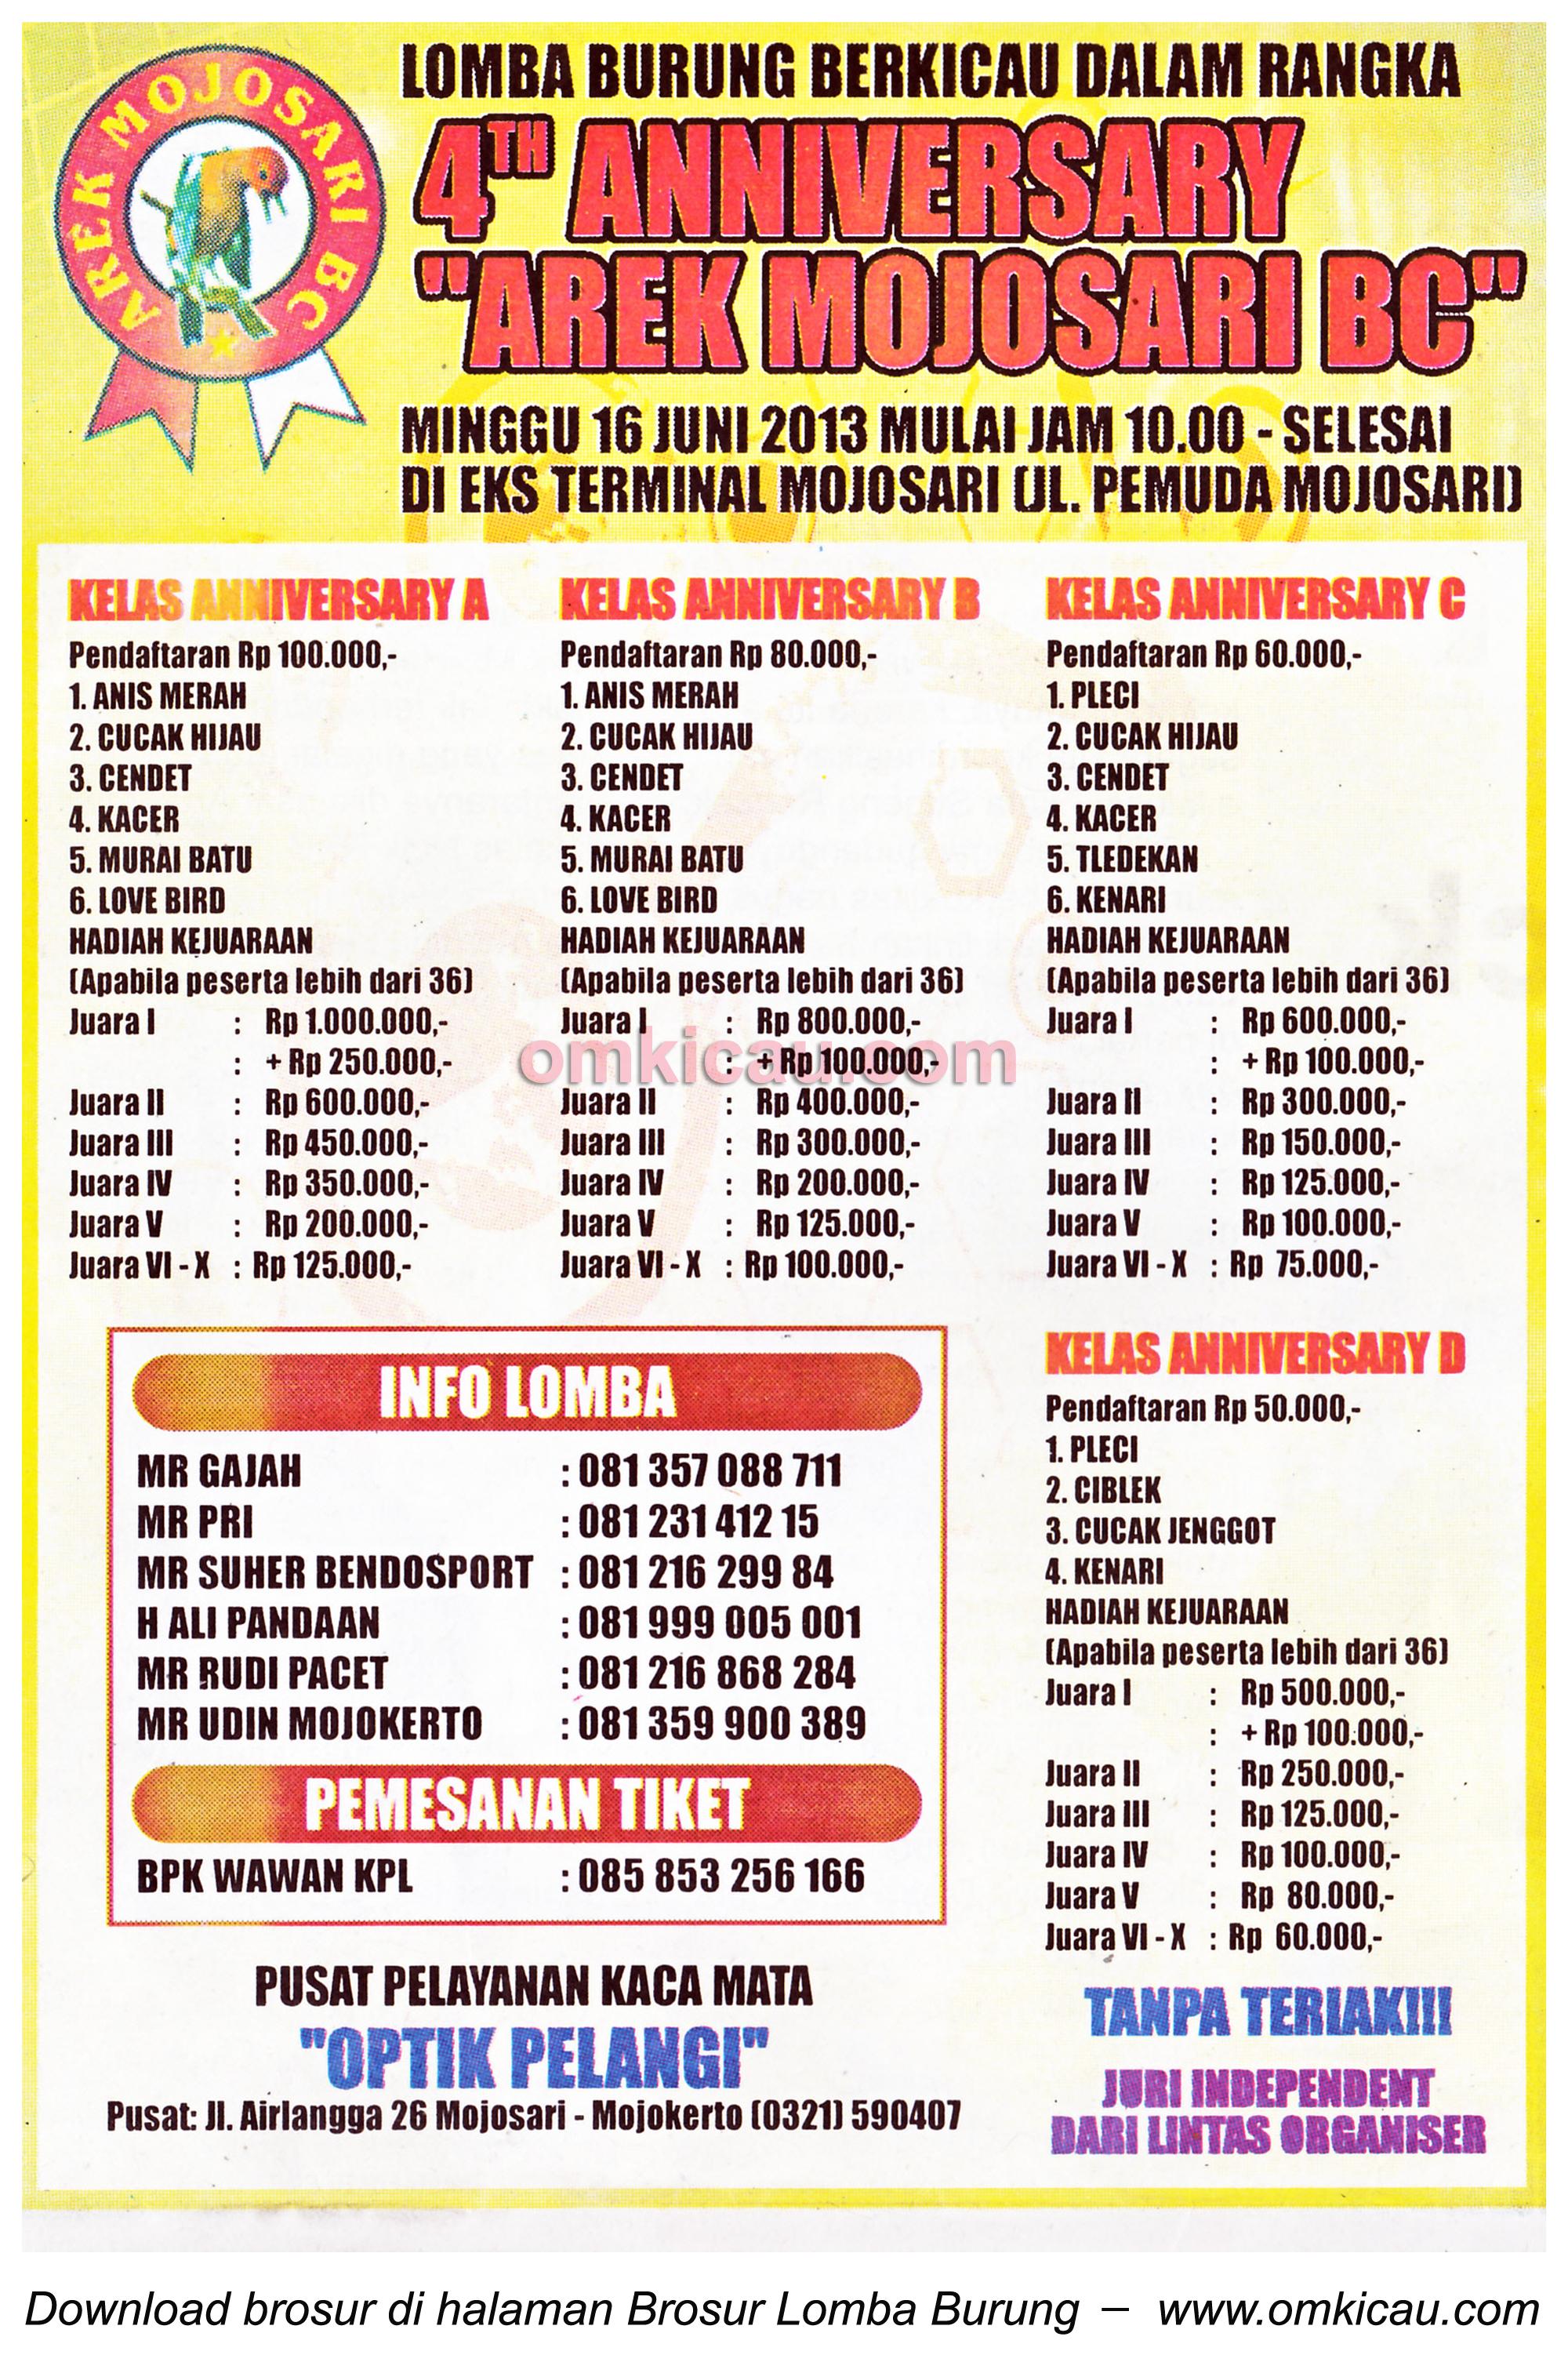 Brosur Lomba 4th Anniversary Arek Mojosari BC 16 Juni 2013